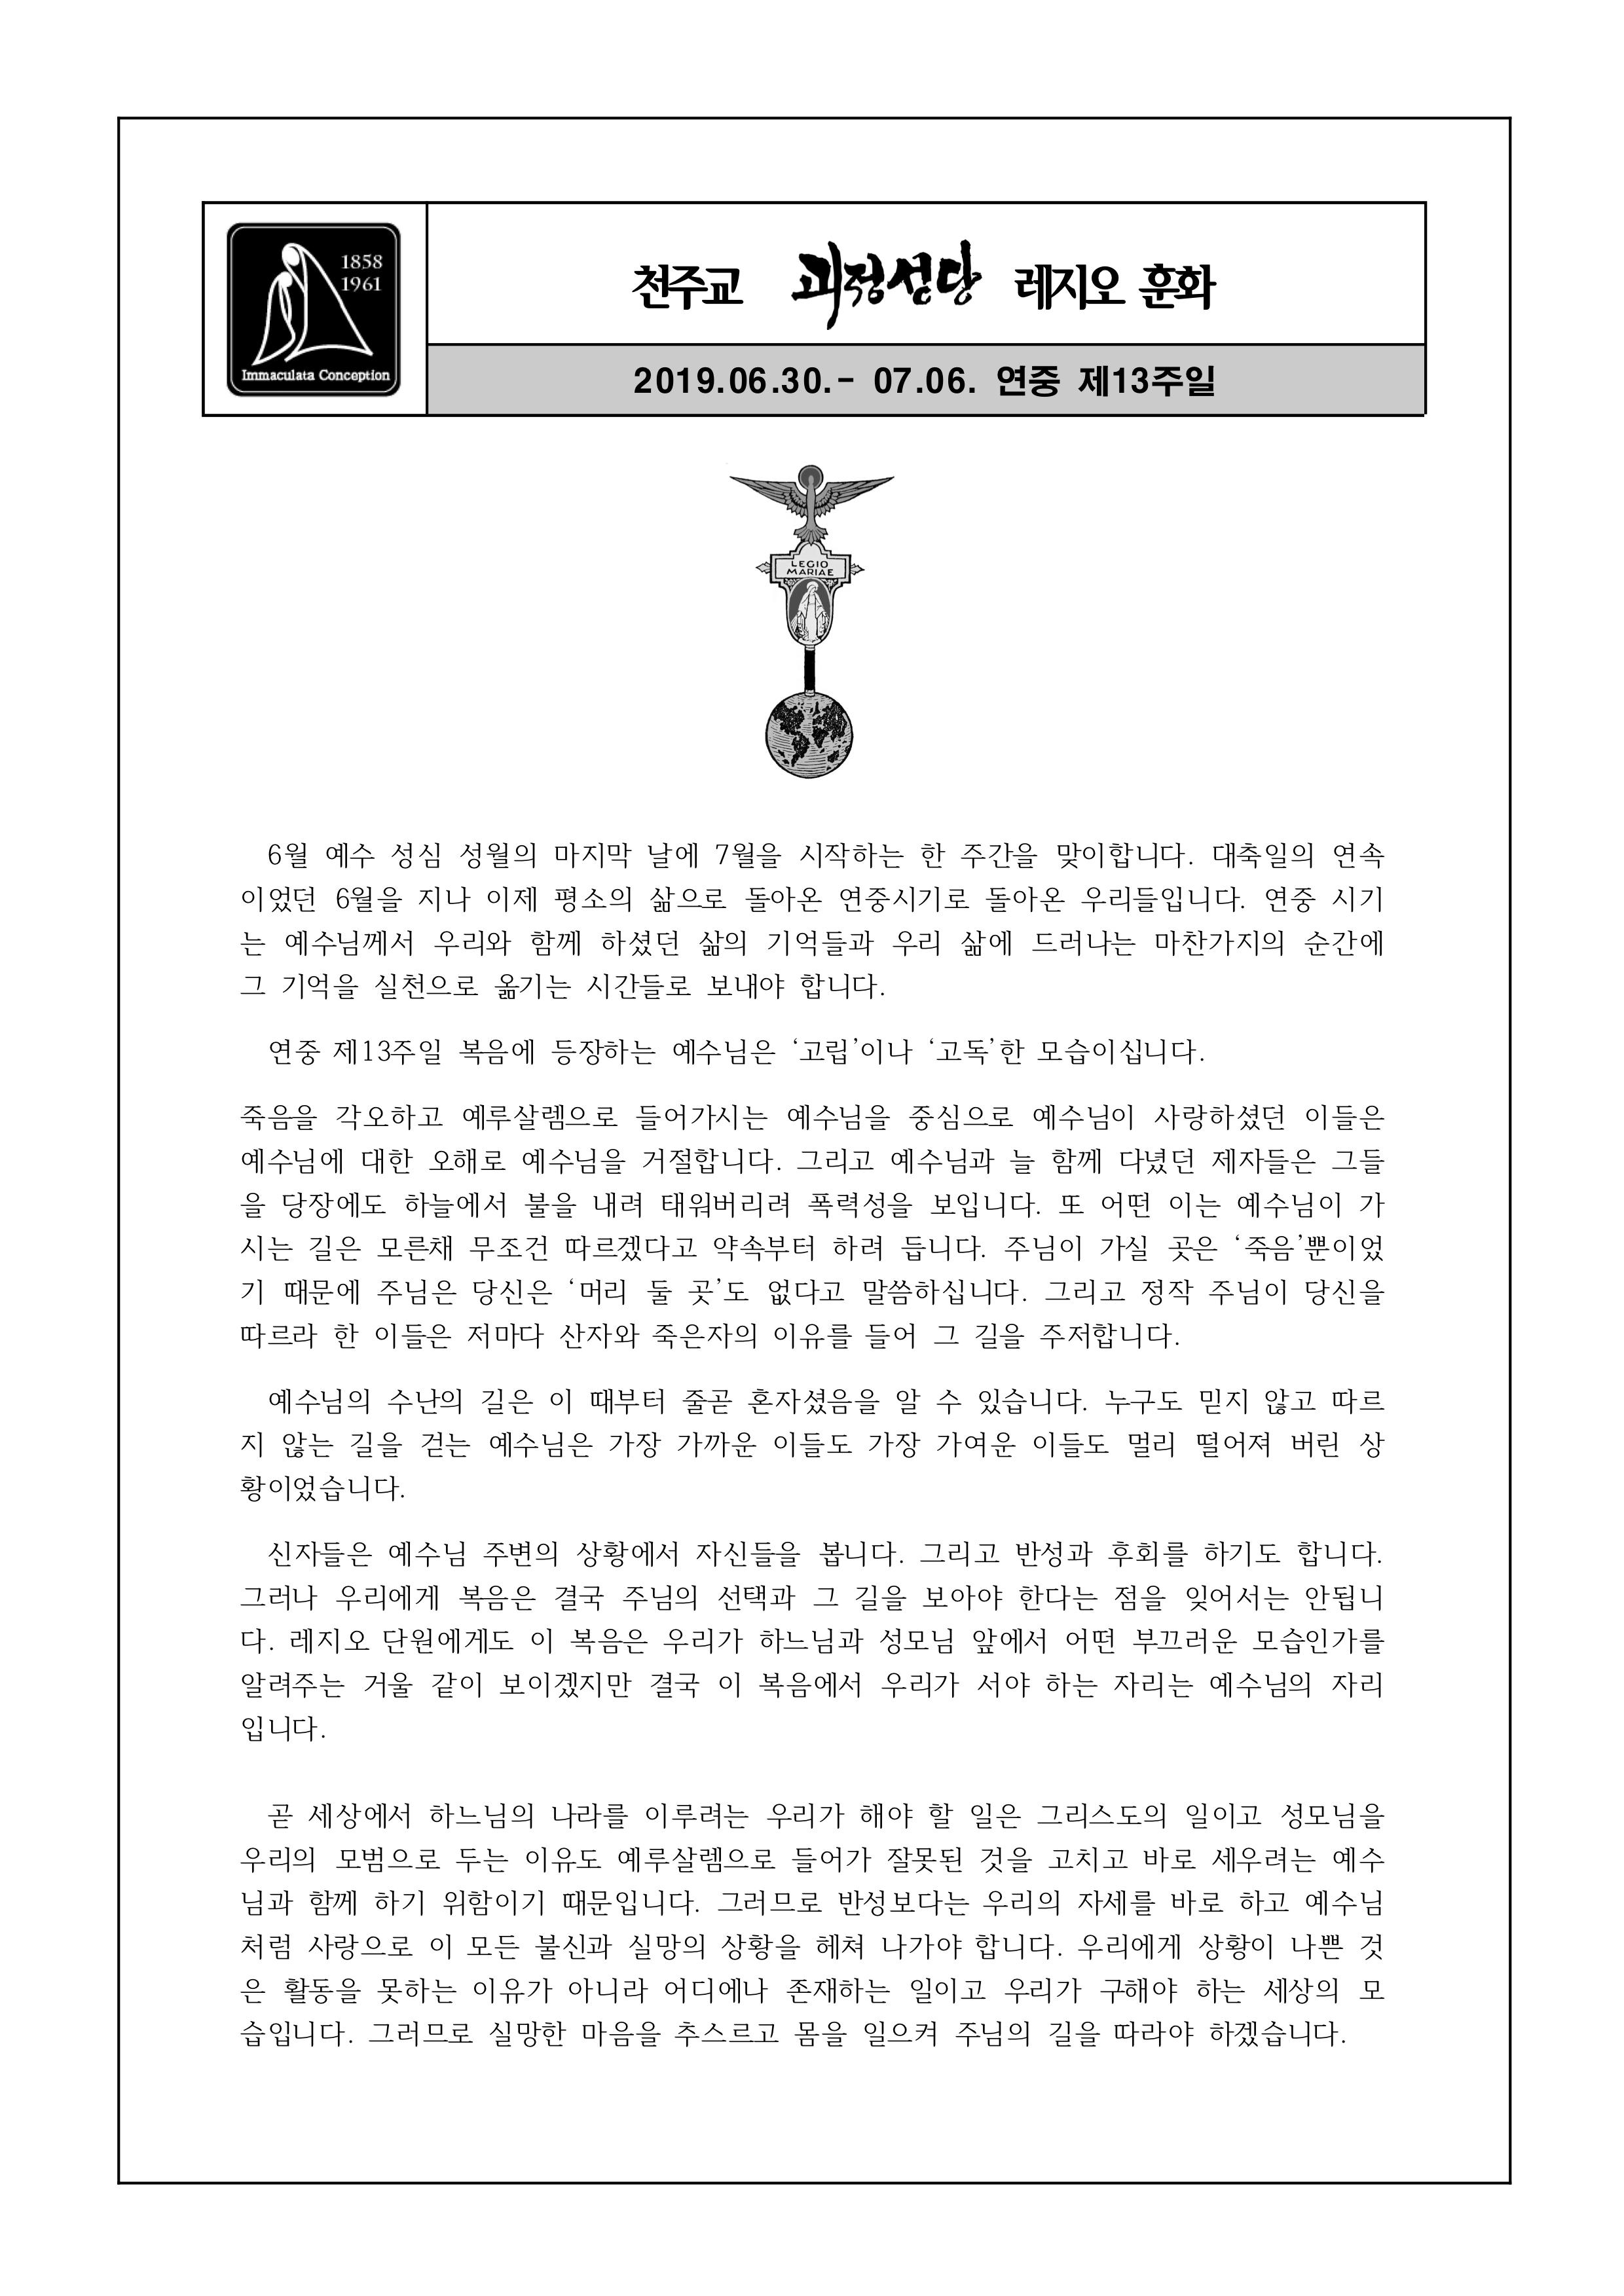 20190630 괴정성당 레지오 훈화.jpg